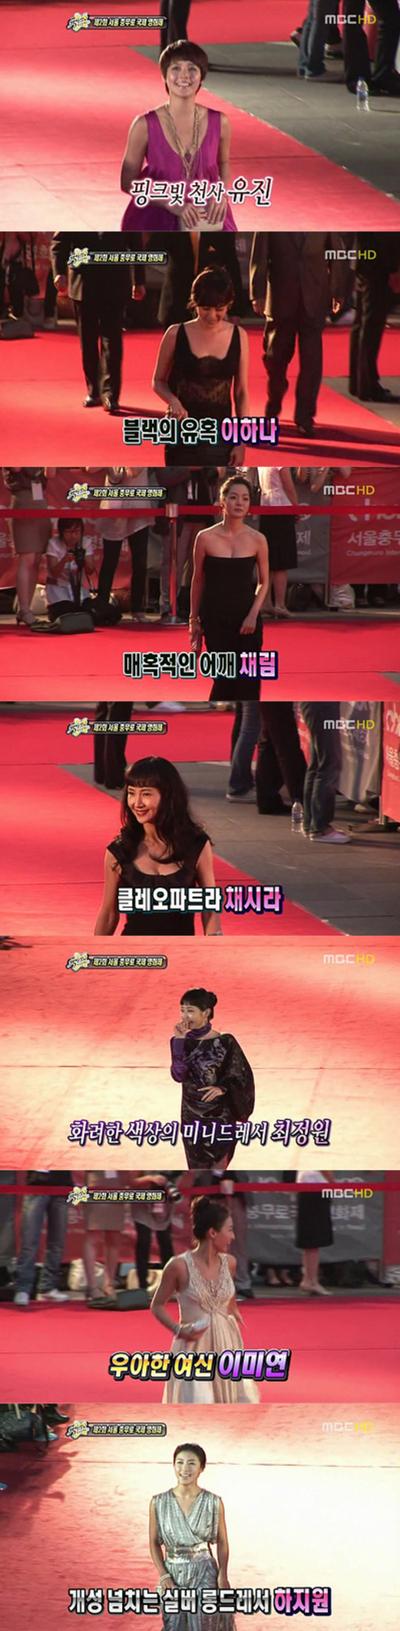 [깜짝포토]섹션TV통해 공개된 여배우 드레스 열전